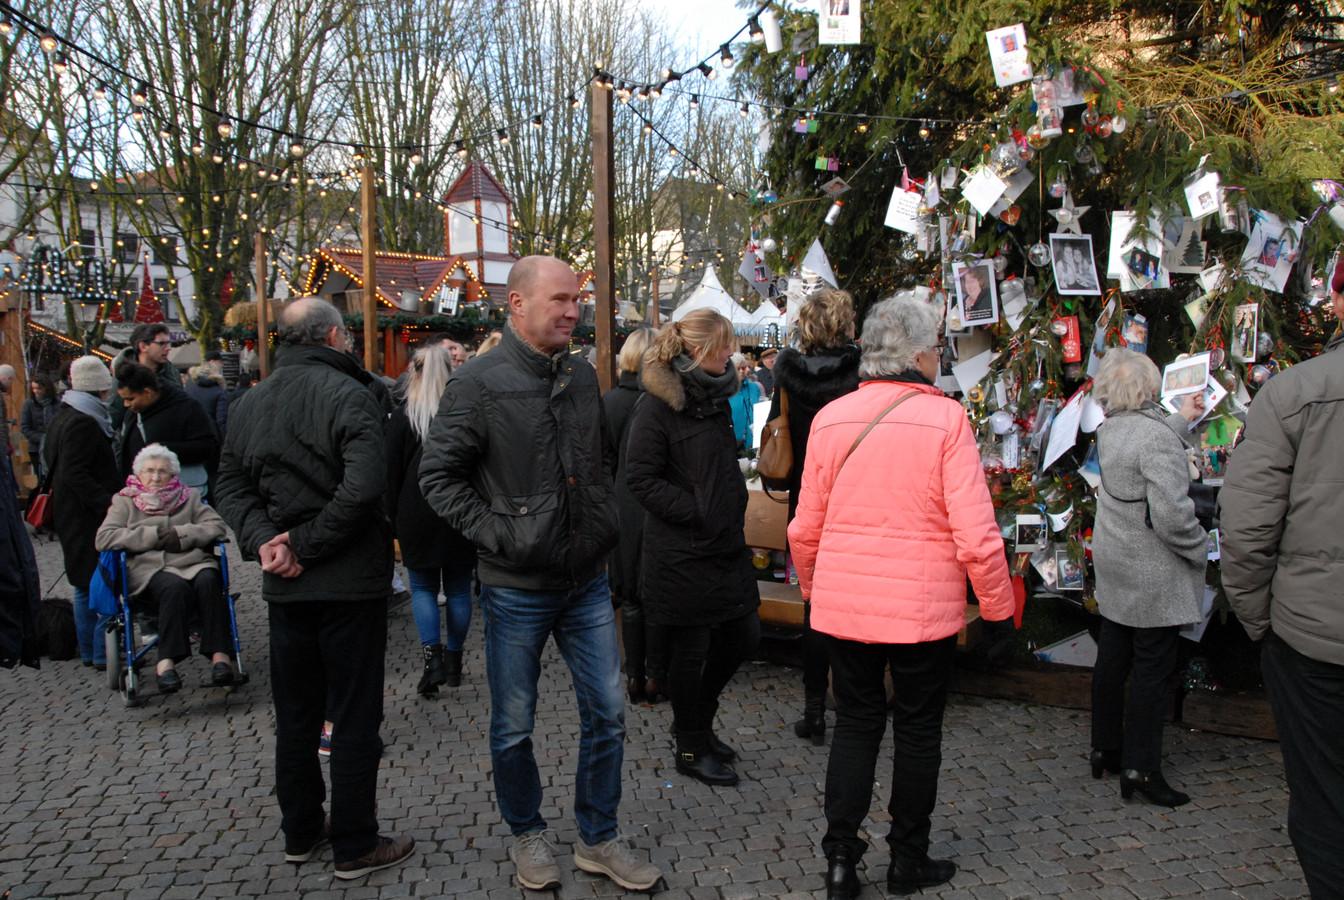 Stichting Winterland Den Bosch verzorgde vorig jaar een evenement op de Bossche Parade. Het is onduidelijk wat er dit jaar gaat gebeuren.